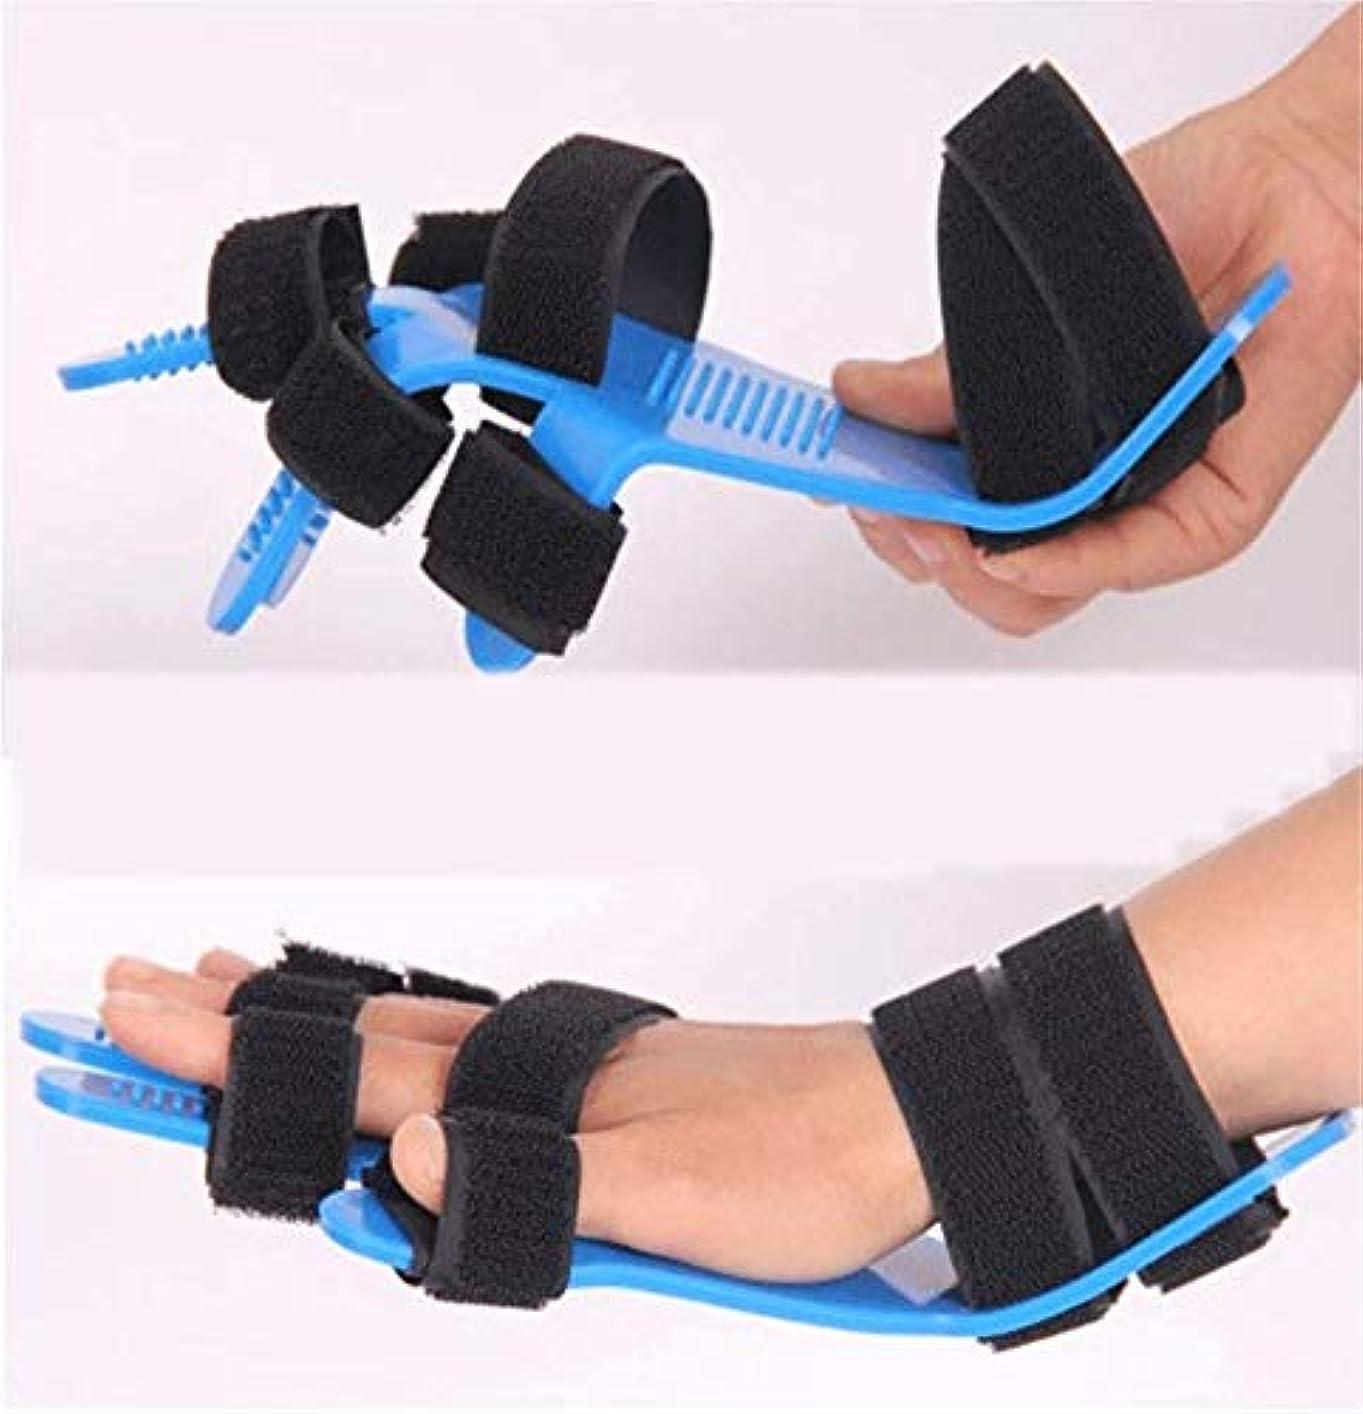 幻滅実業家キュービックセパレータインソールフィンガー拡張スプリントばね指スプリント、指の骨折、傷、術後ケアと痛み-ReliefBoth左右の手指